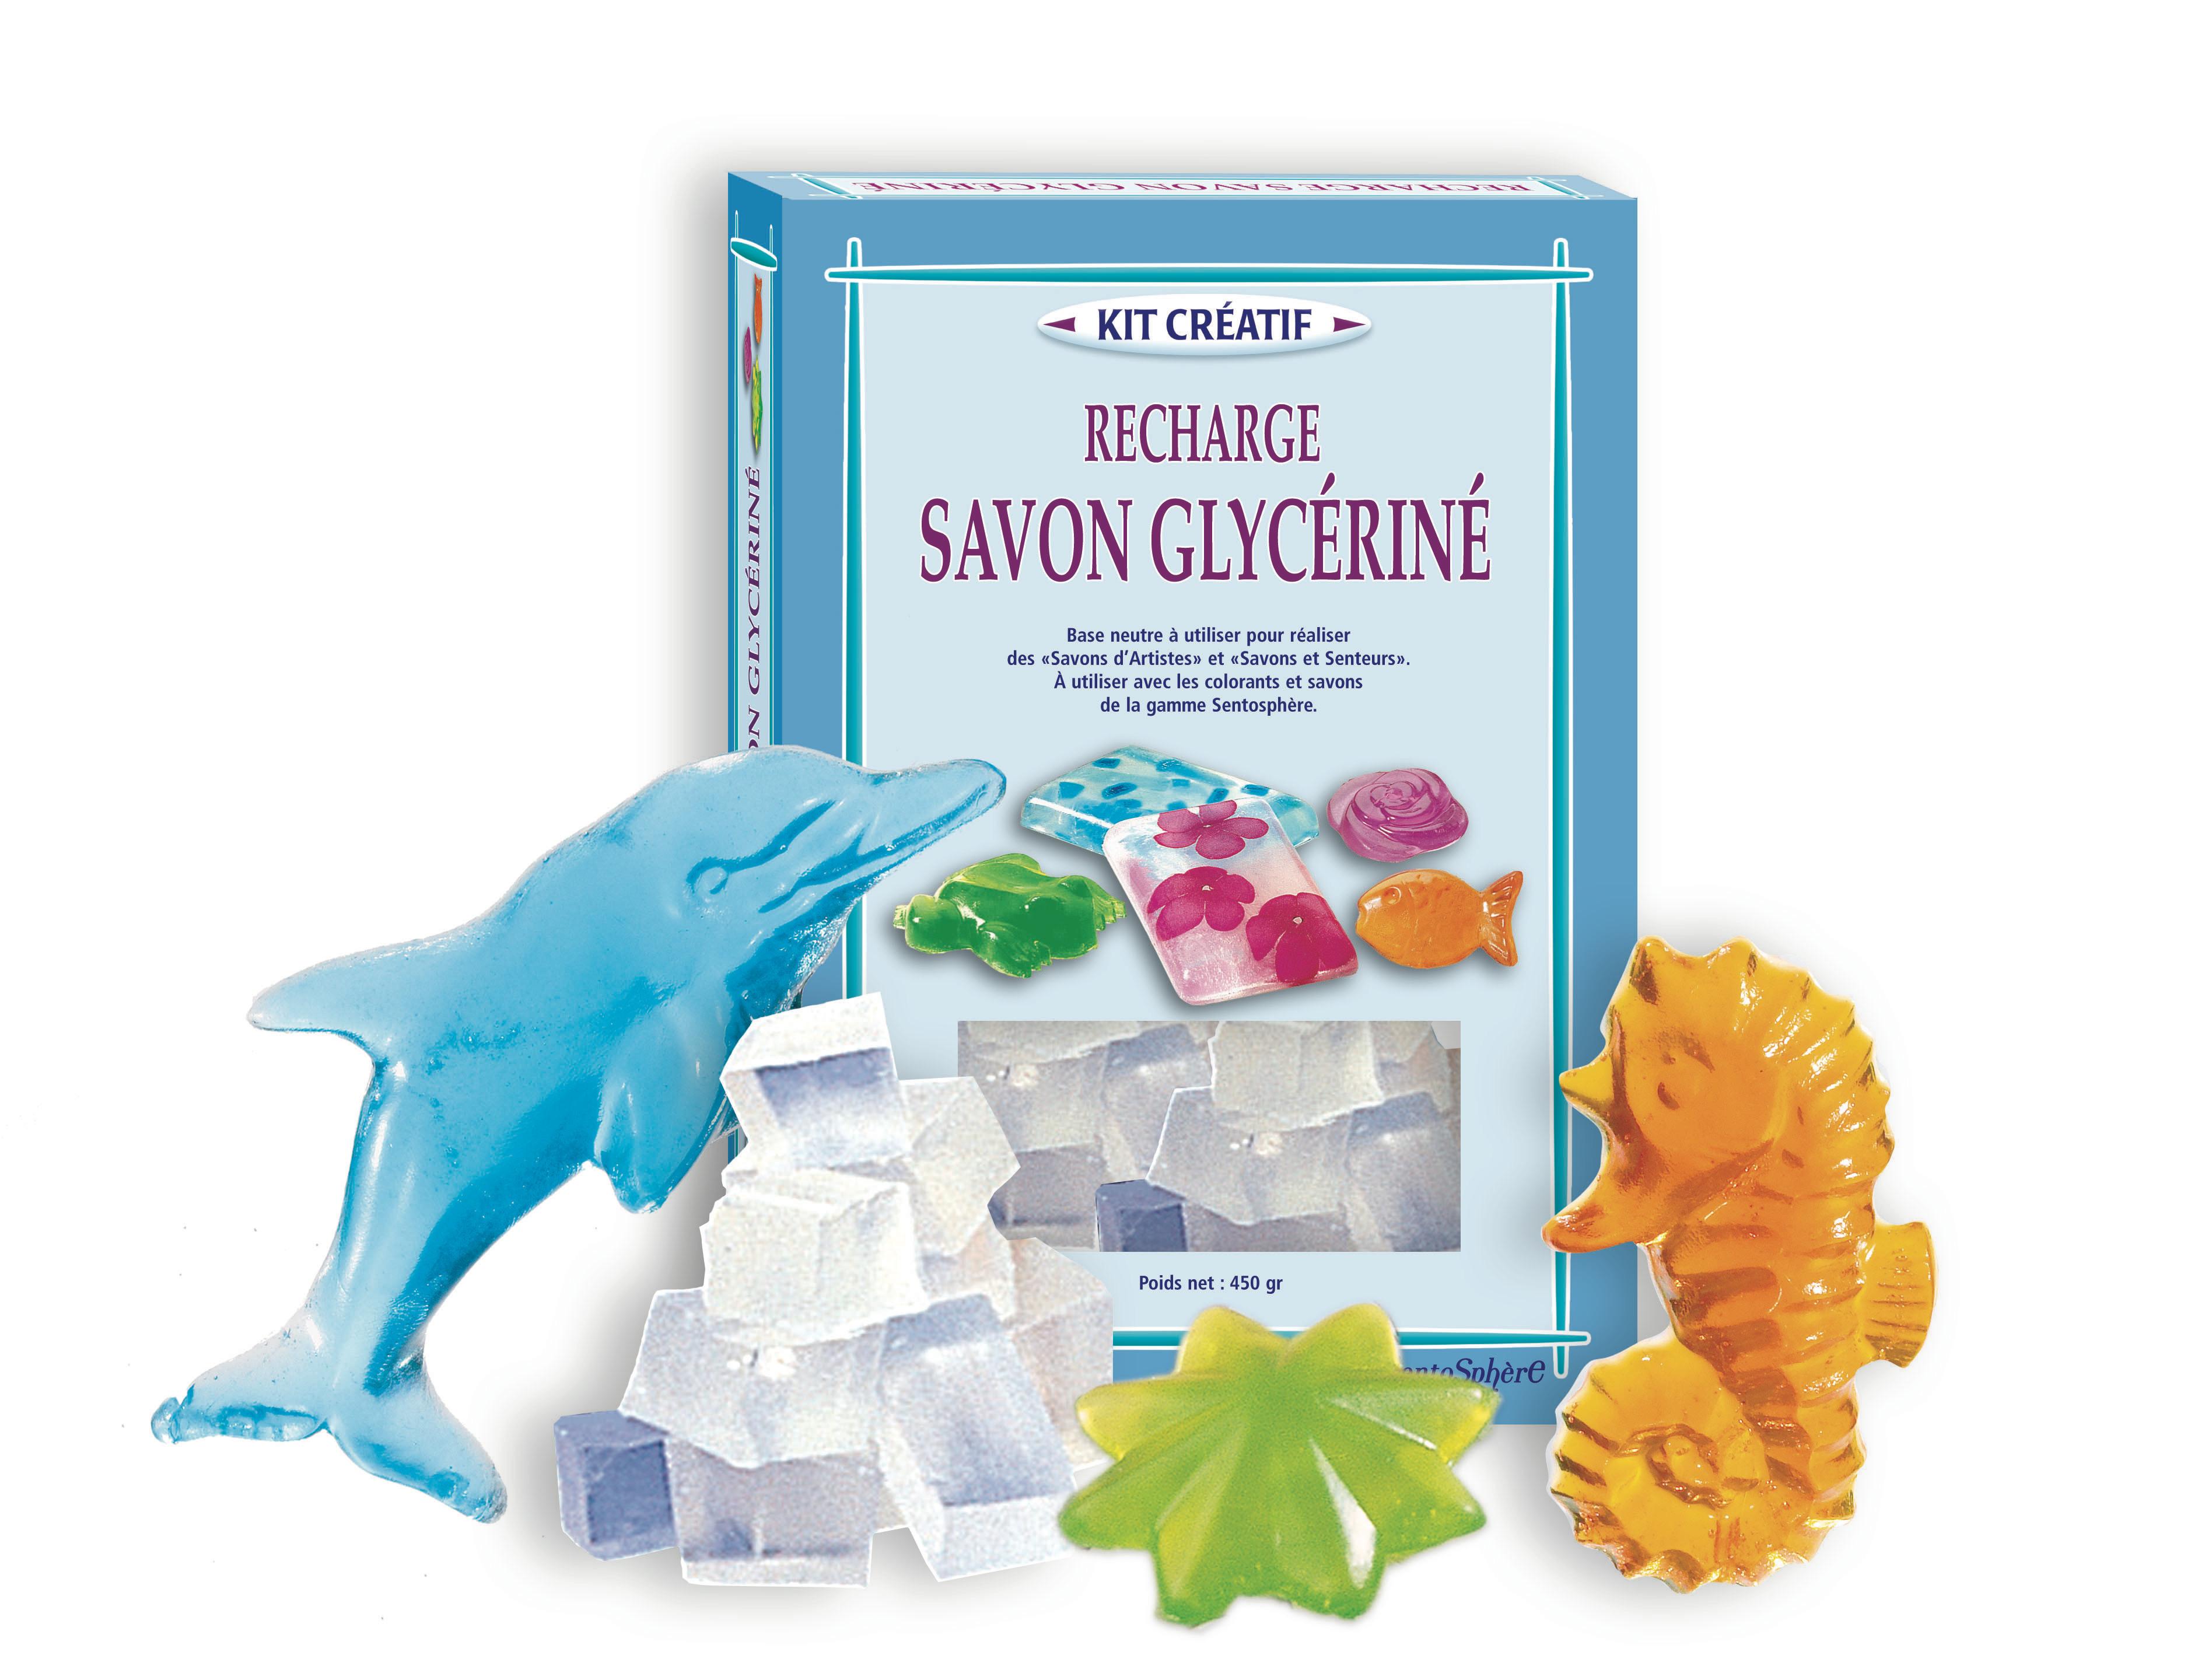 Recharge savon glycériné savons et senteurs 500g